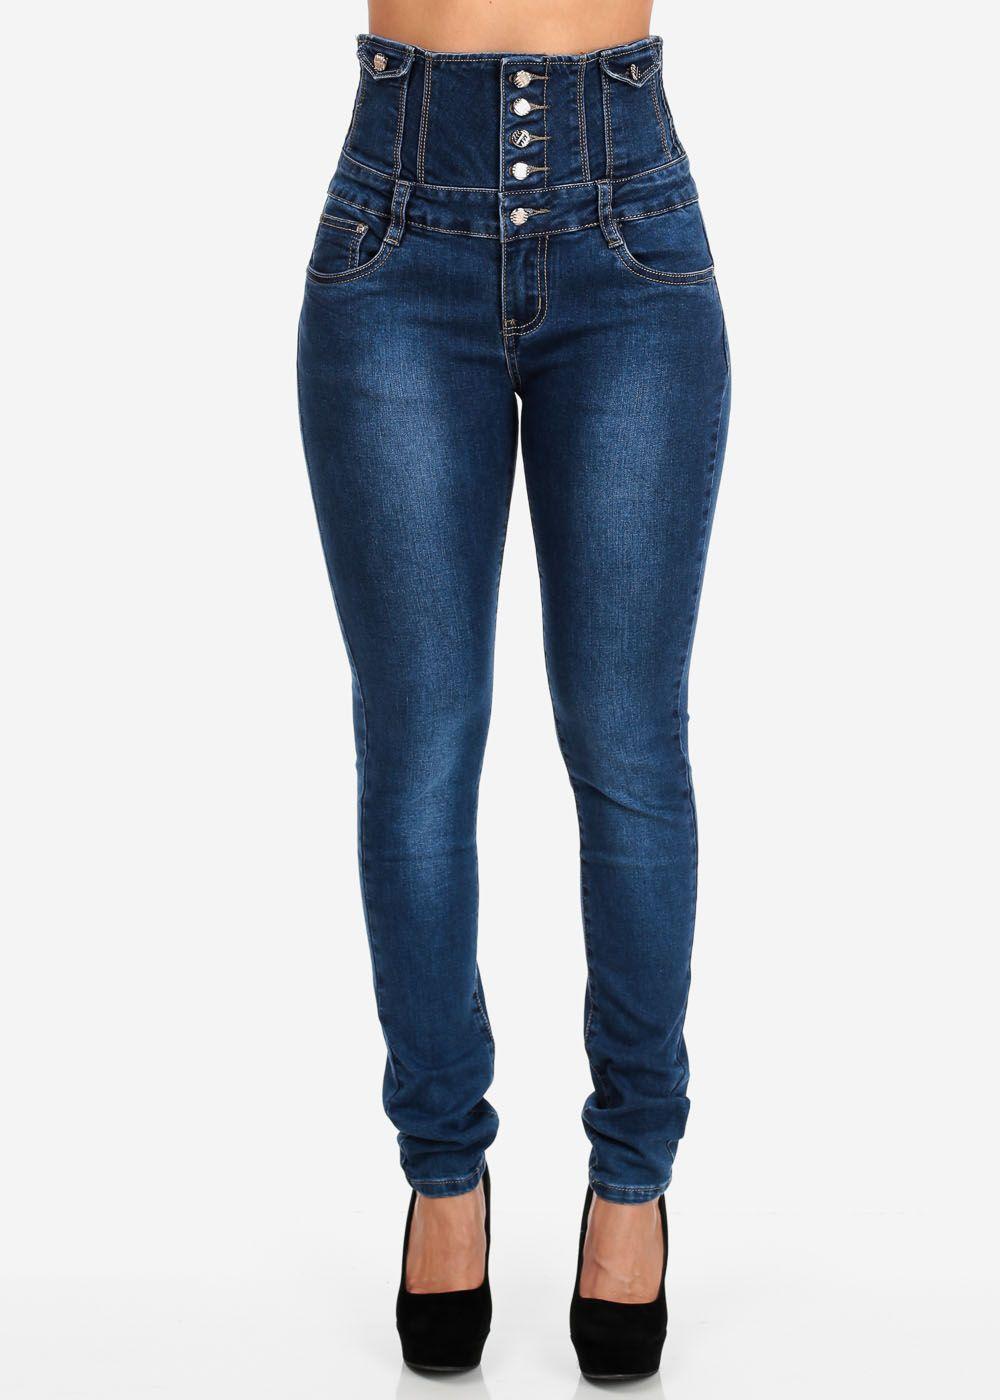 Trendy Jeans-Lindos Pantalones a La Cintura,Blue high ...